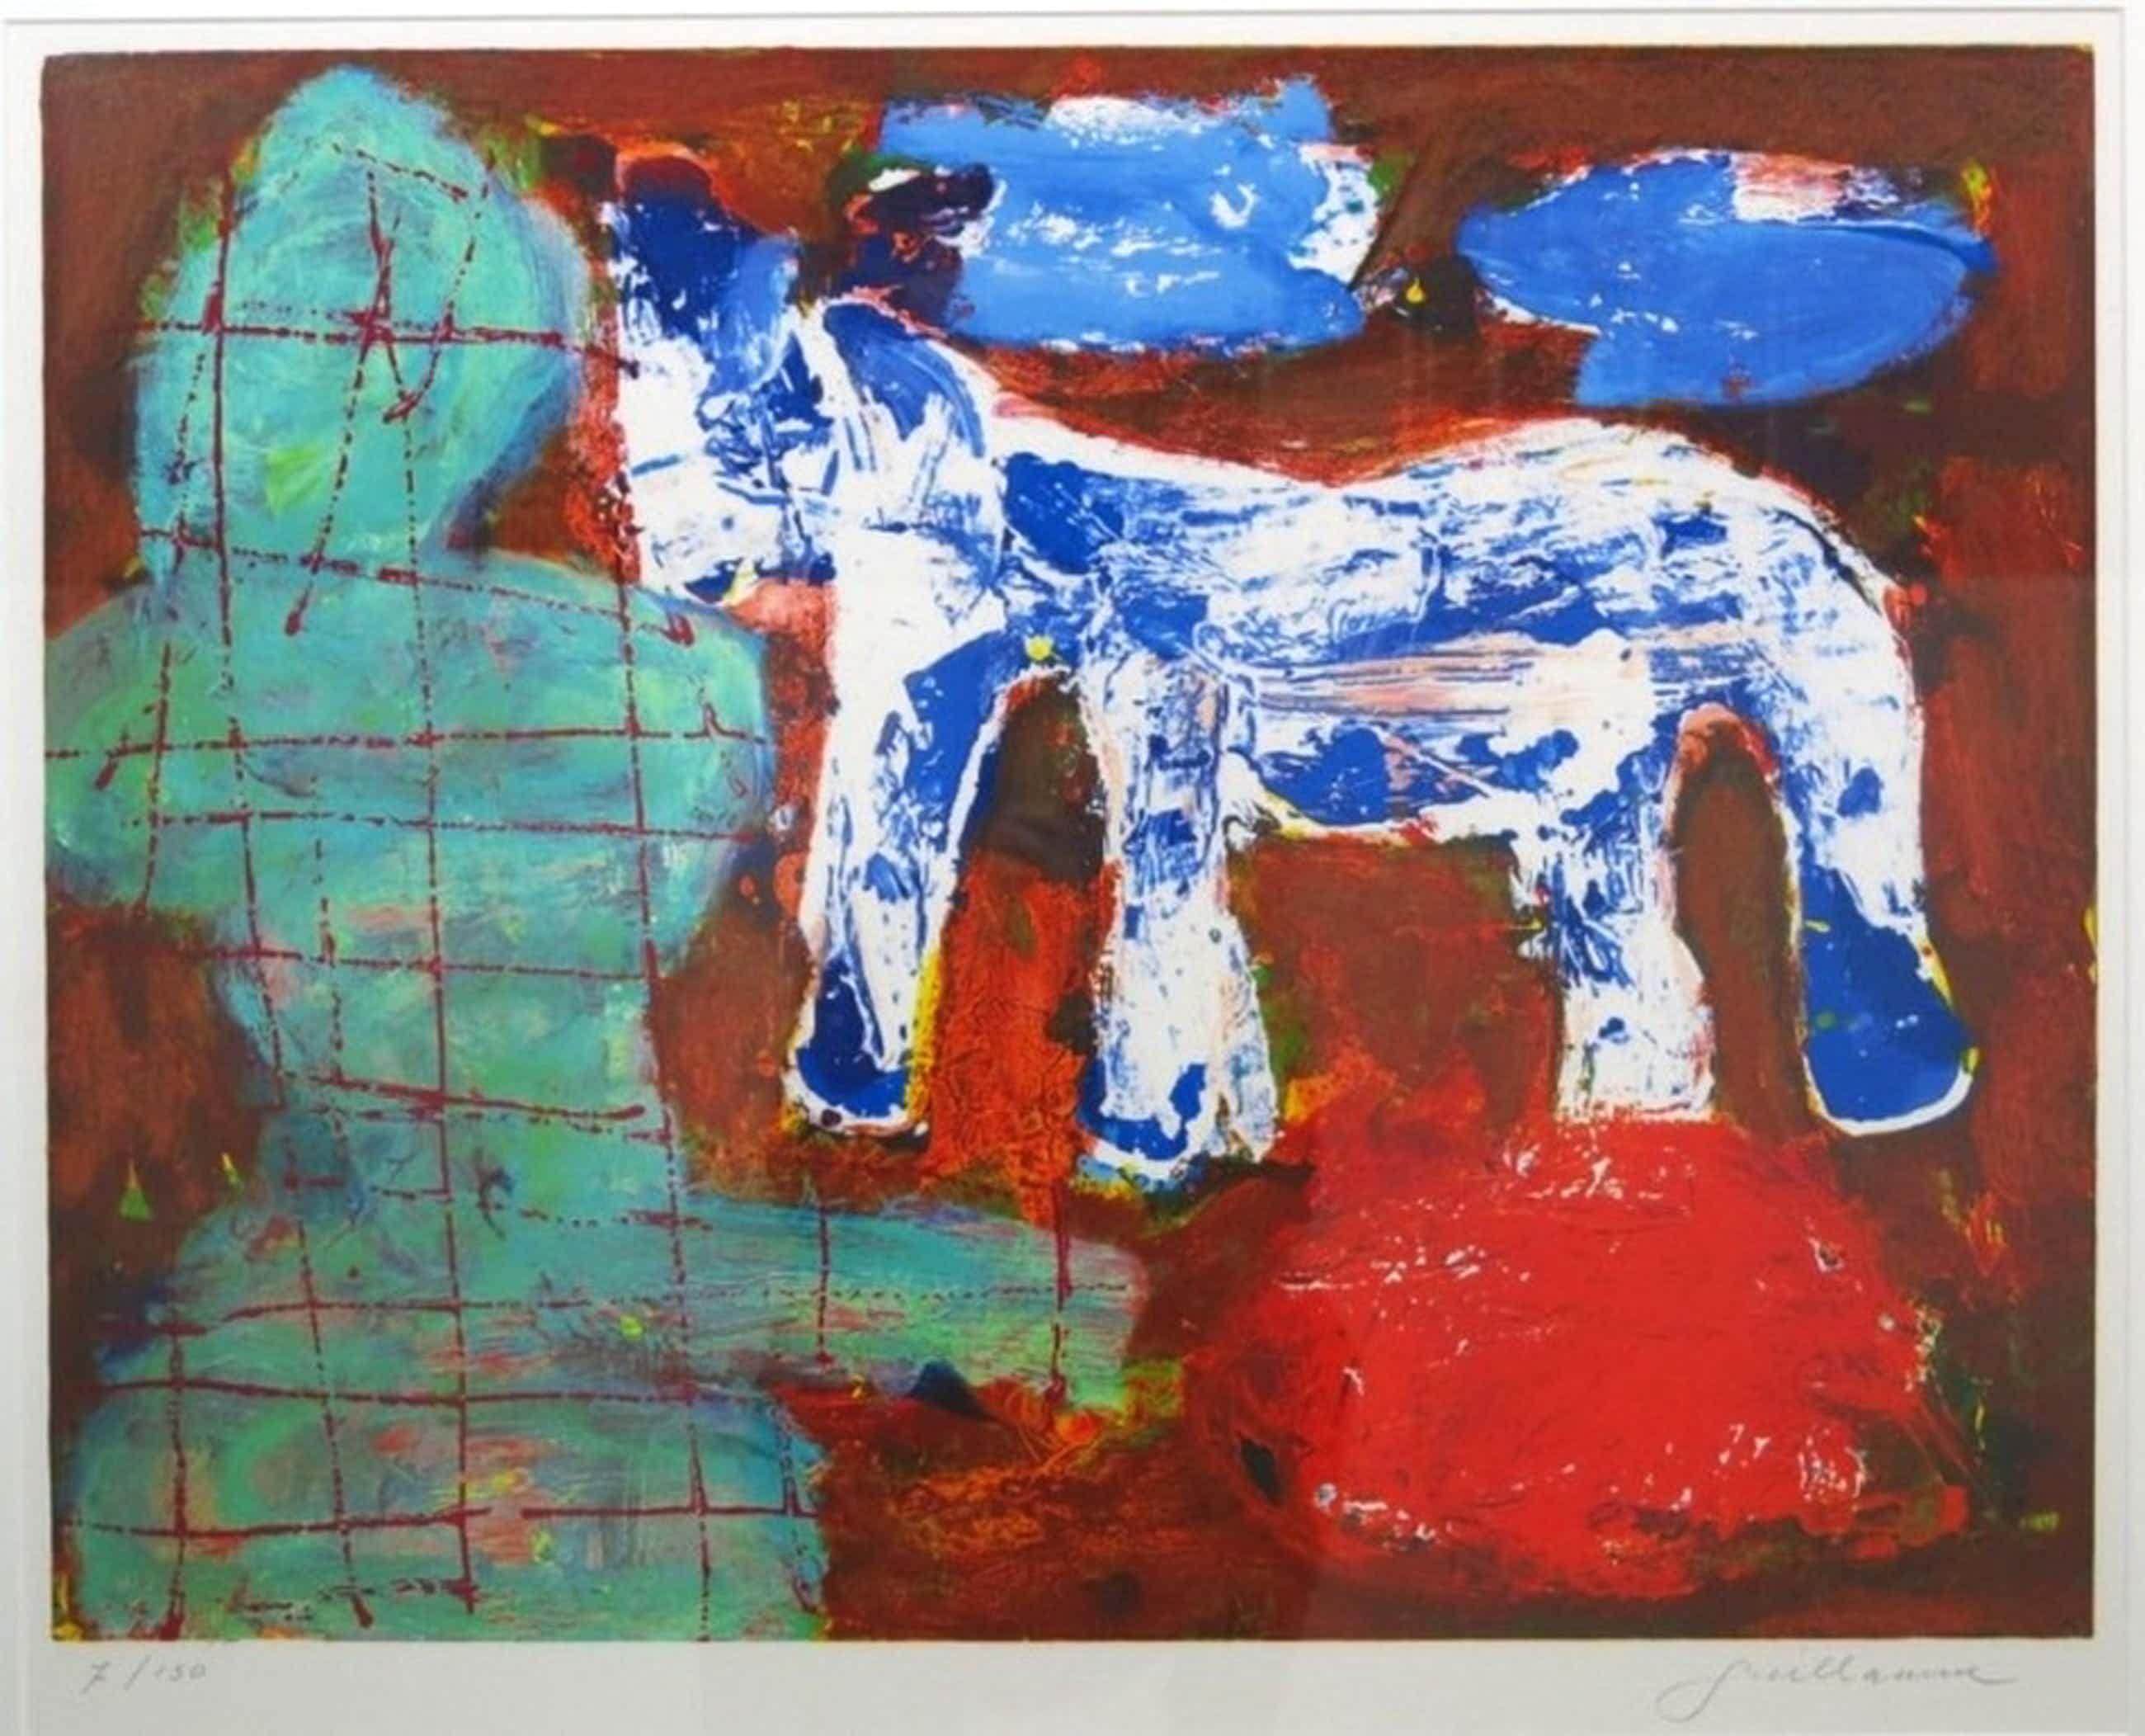 Guillaume Lo-A-Njoe abstract/figuratieve litho - ingelijst  kopen? Bied vanaf 70!